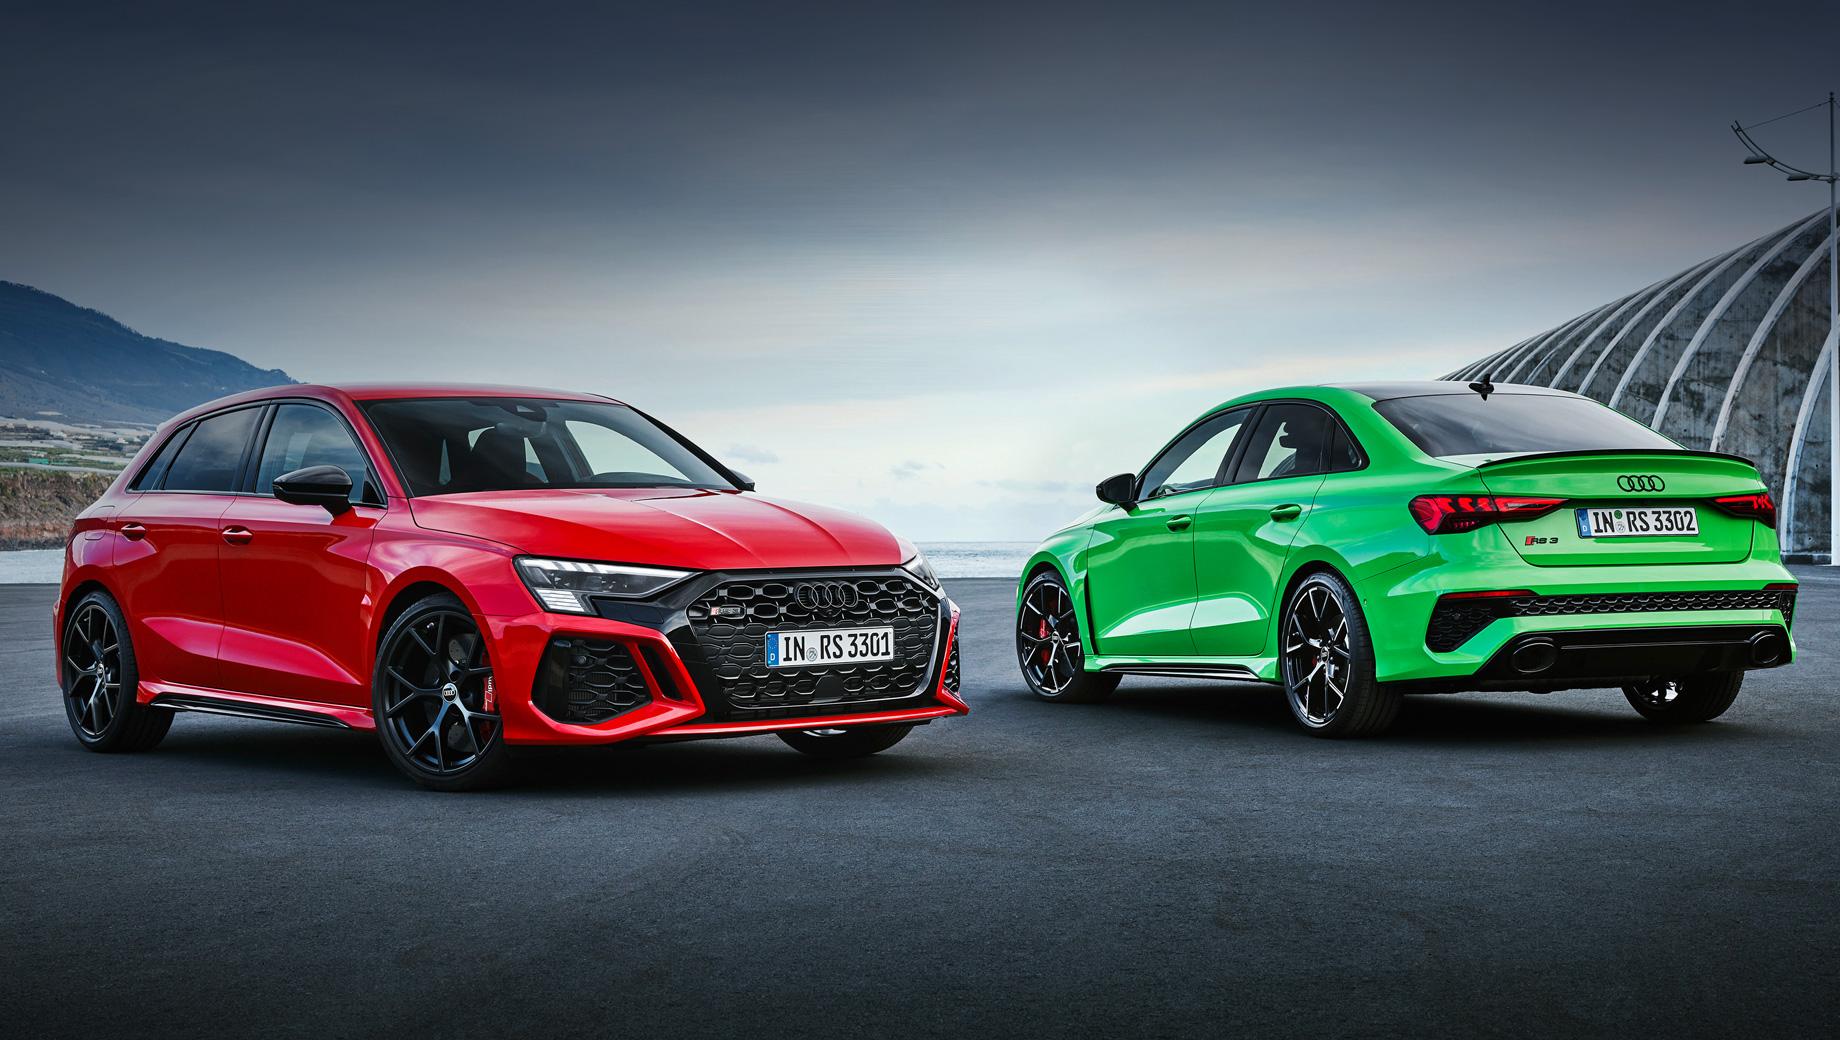 Audi rs3,Audi rs3 sedan,Audi rs3 sportback. Внешность отталкивается от Audi A3 четвёртого поколения, но с RS-спецификой. Это не только воздухозаборники. За передней колёсной нишей появилась вентиляционная прорезь. Светодиодная оптика — «база», за доплату фары будут матричными. В гамме кузовных красок есть две эксклюзивные для RS (Kyalami Green и Kemora Gray). Колёса — 19 дюймов (две версии дизайна на выбор).